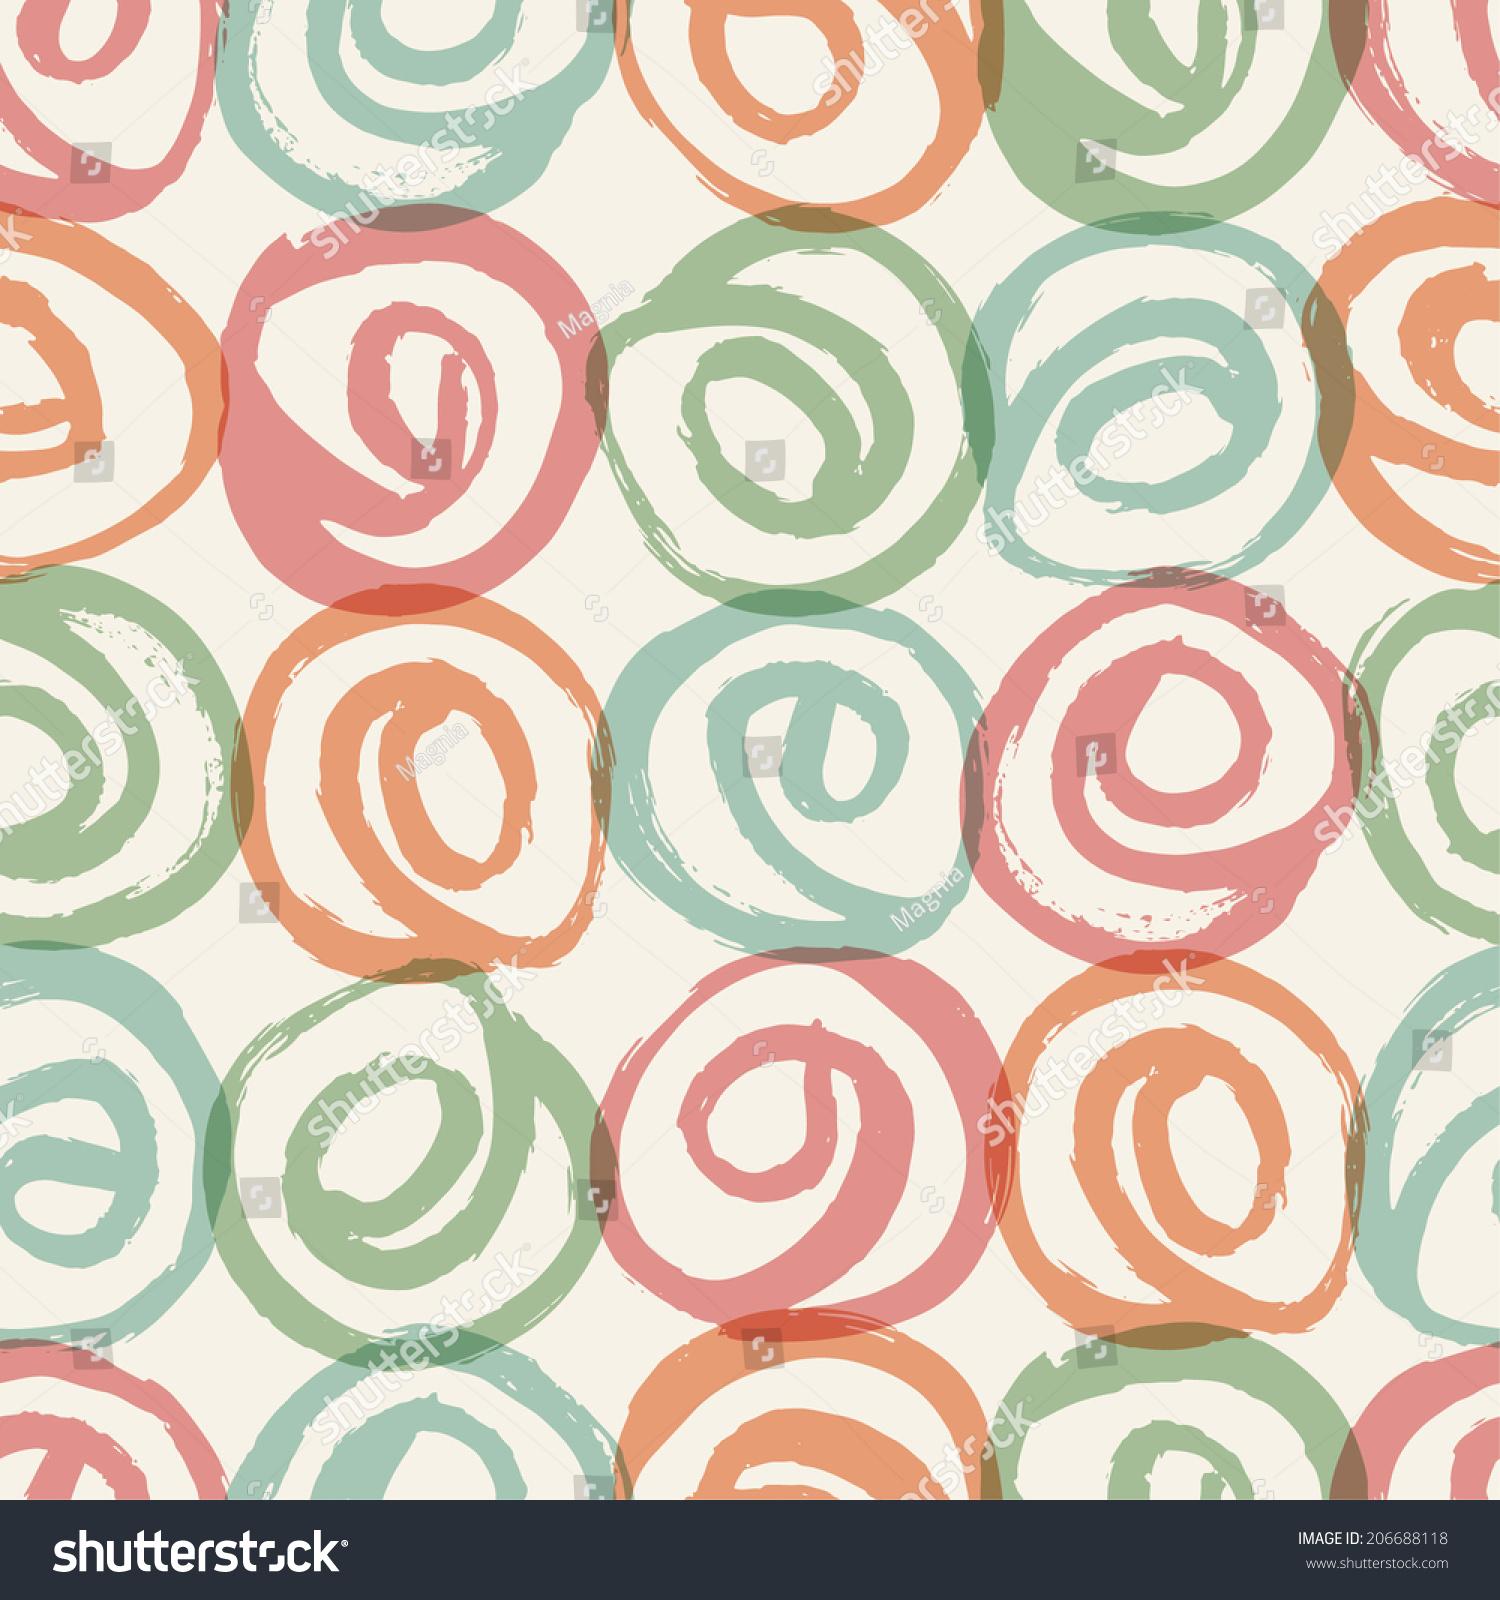 无缝彩色手绘图.矢量插图-背景/素材,抽象-海洛创意()